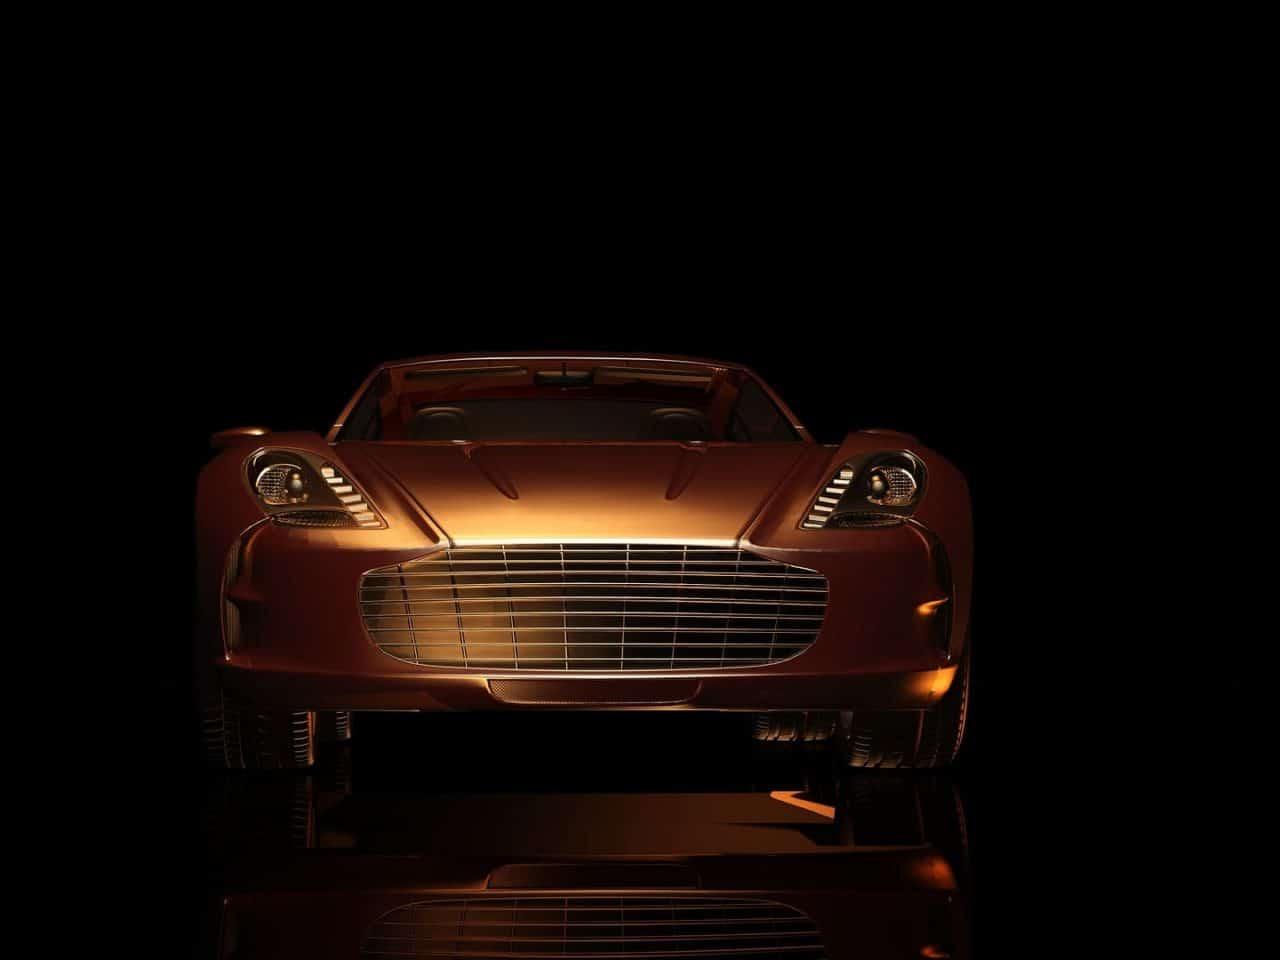 https://pr-helden.de/wp-content/uploads/2020/12/sports-car-1374425_1920-1280x960.jpg